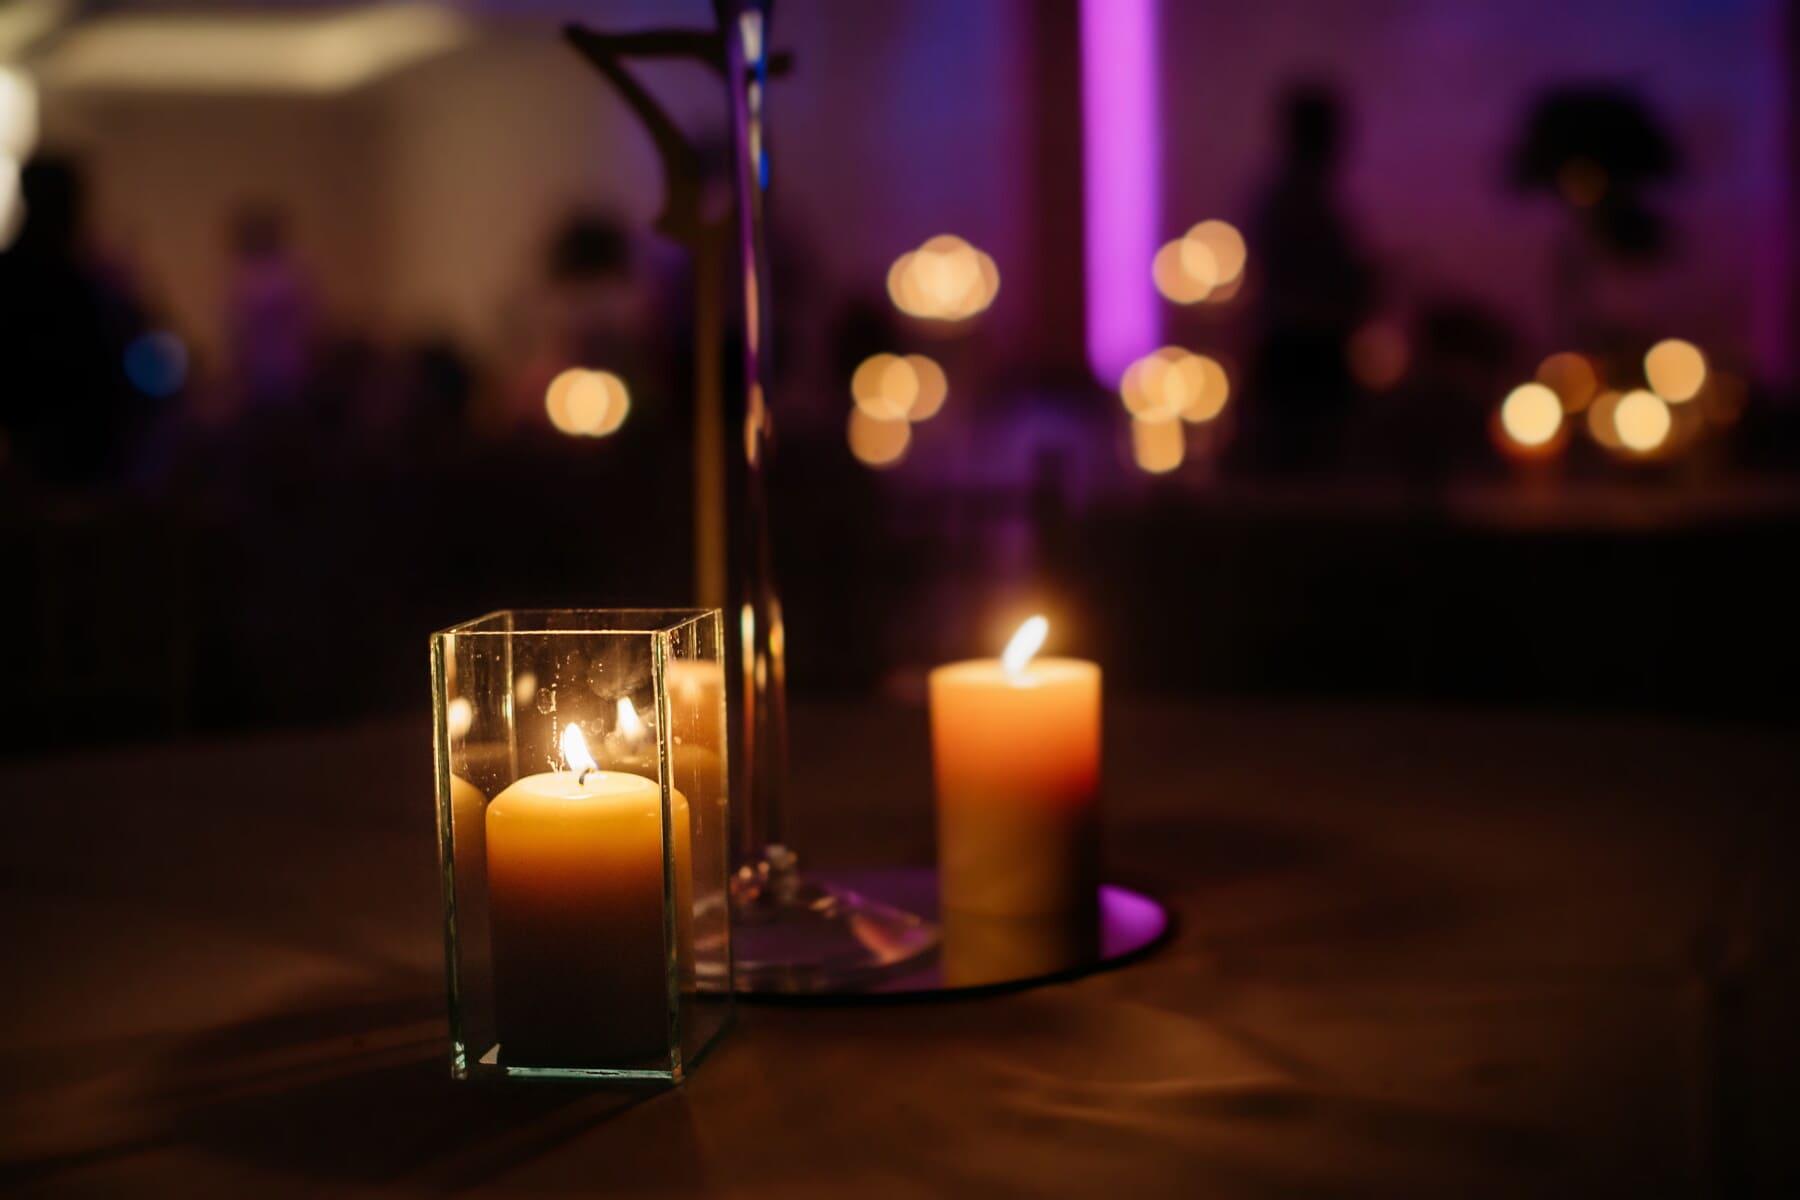 romantique, aux chandelles, bougies, atmosphère, crystal, fantaisie, chandelier, fermer, transparent, illumination